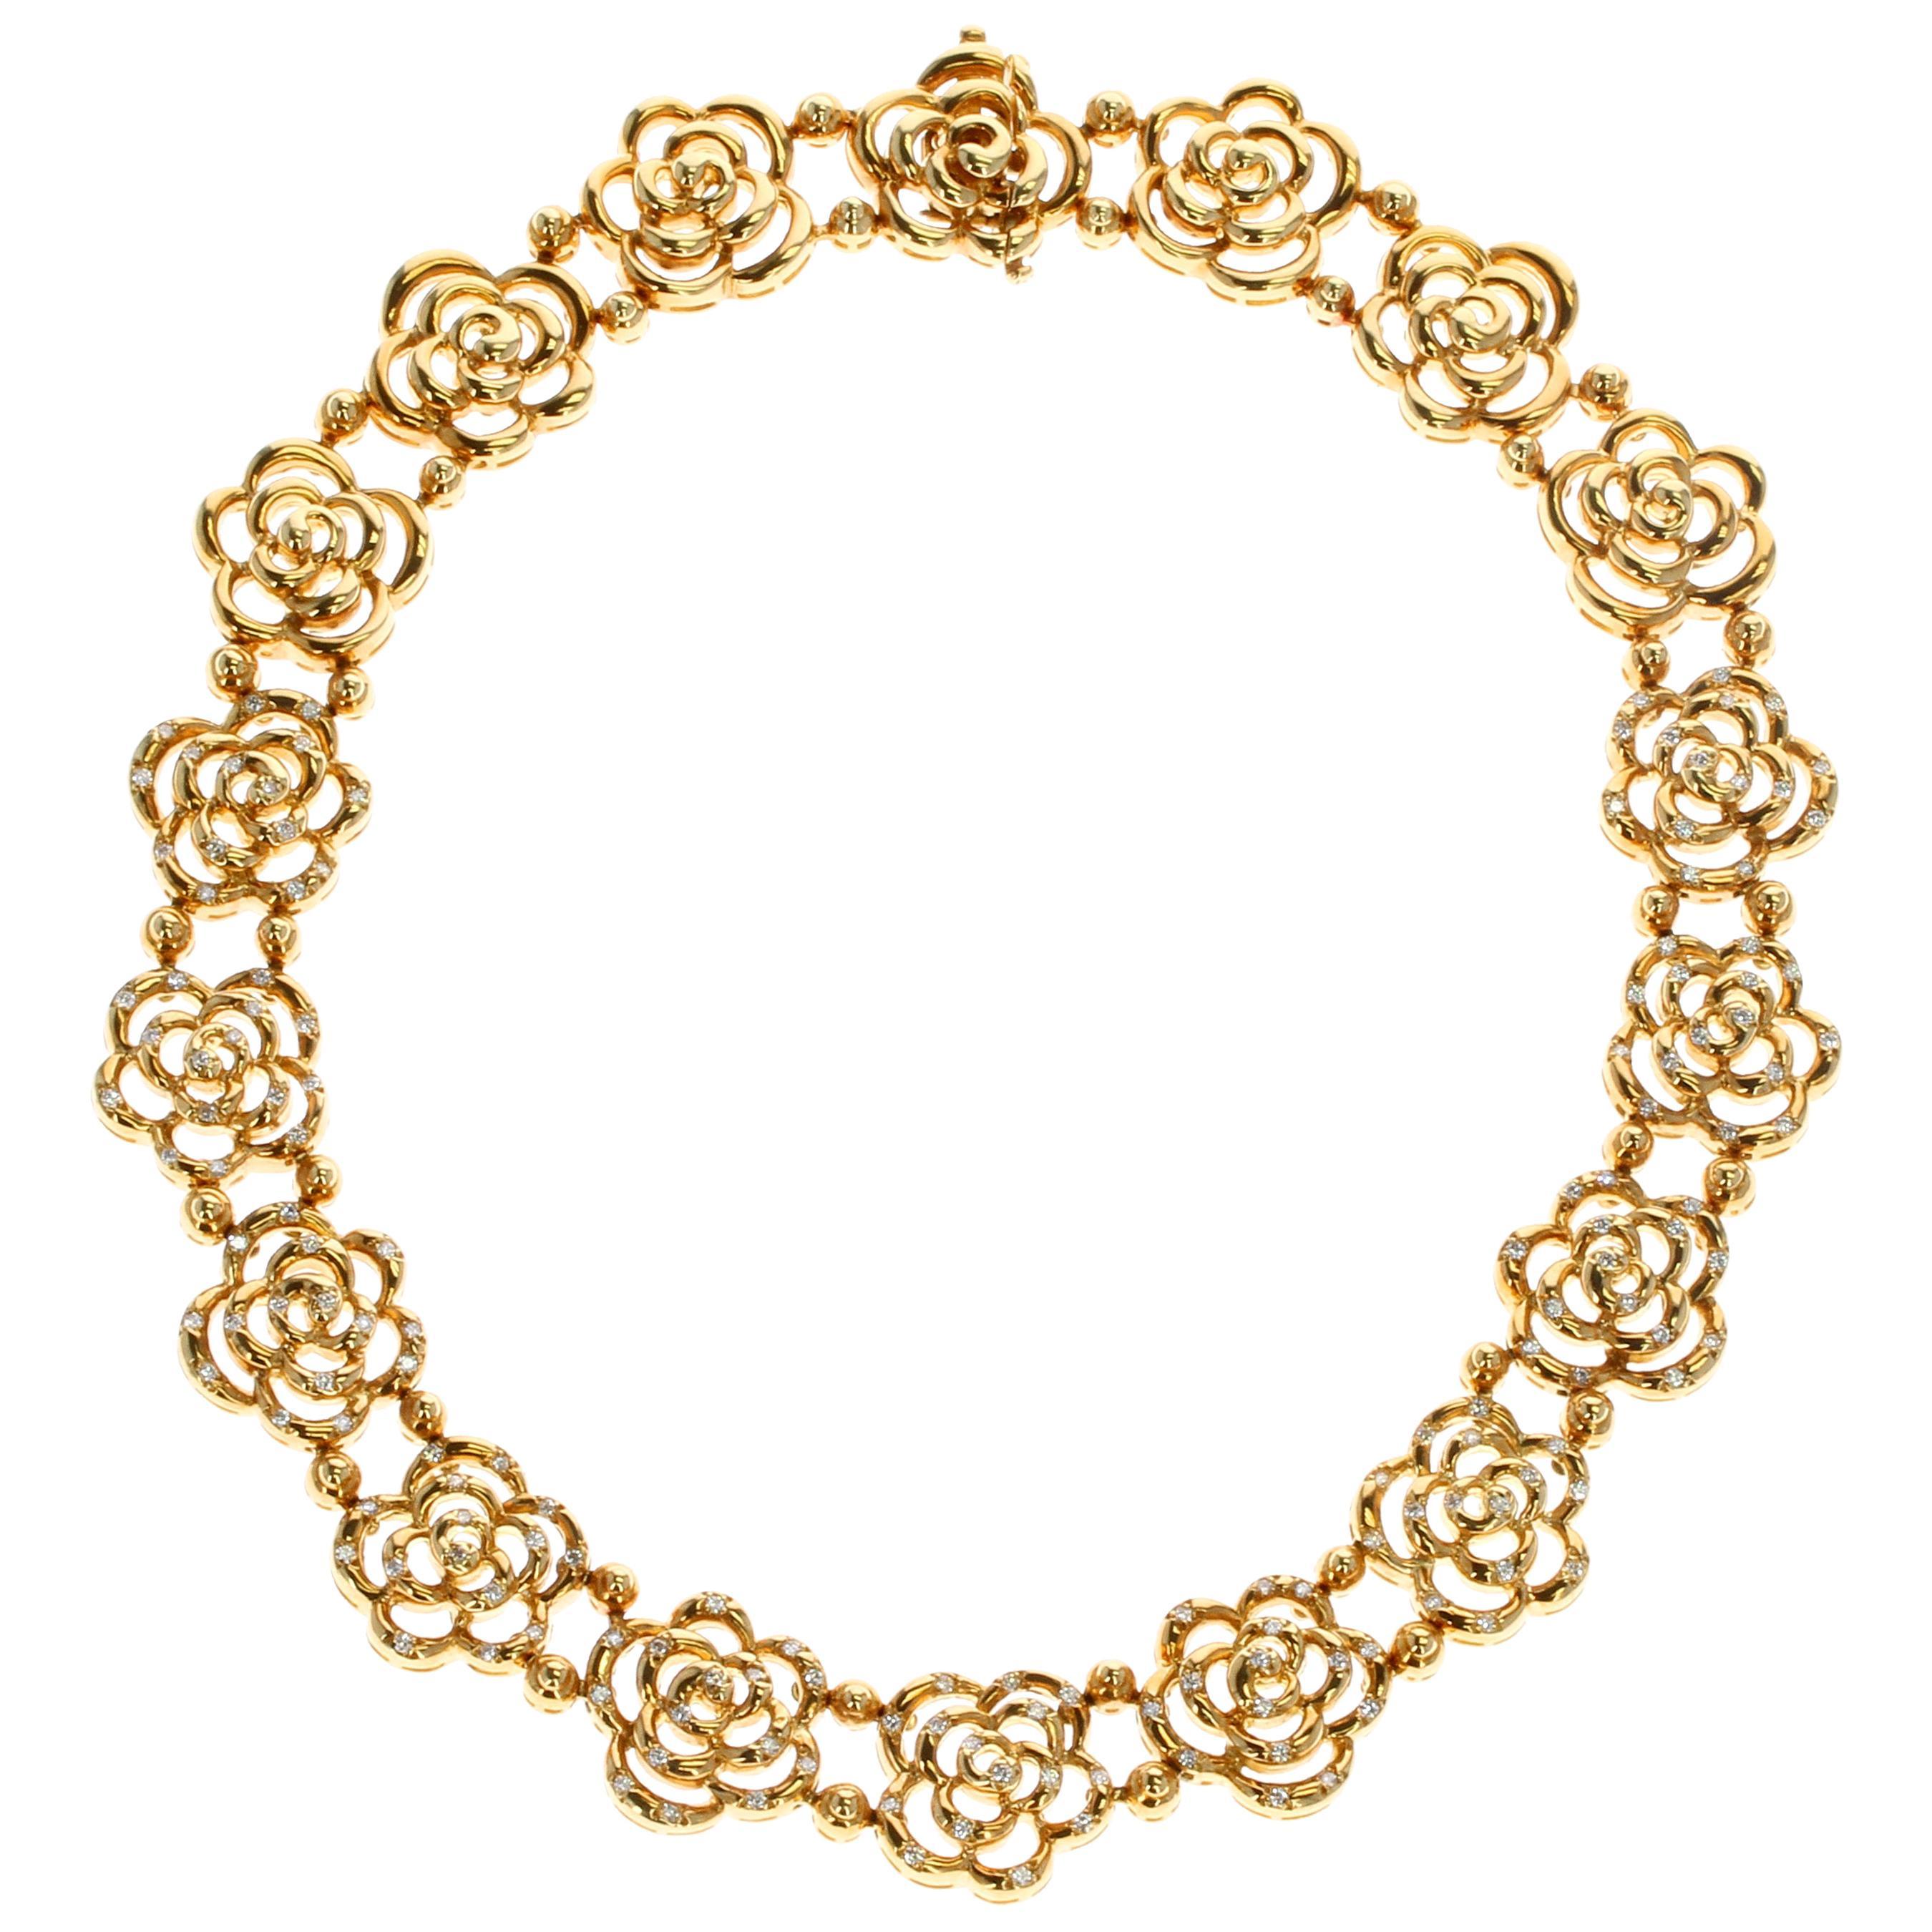 Van Cleef & Arpels Diamond and Gold Openwork Necklace